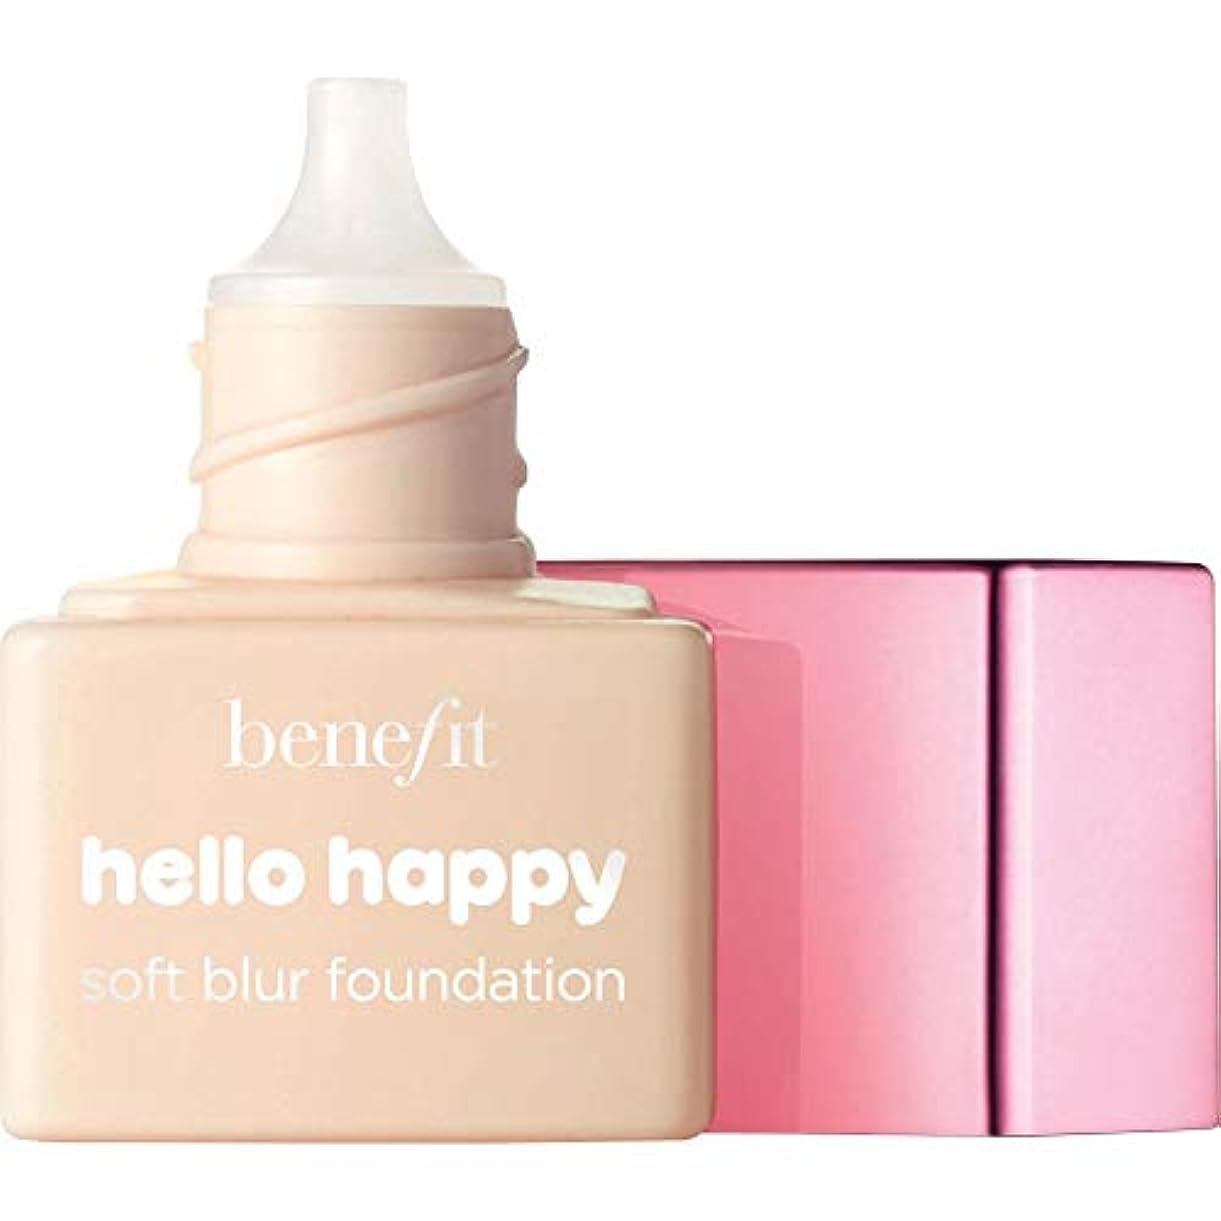 ユーモラスコスト識字[Benefit ] ミニ2 - - ハロー幸せソフトブラー基礎Spf15の6ミリリットルの利益に暖かい光 - Benefit Hello Happy Soft Blur Foundation SPF15 6ml - Mini...